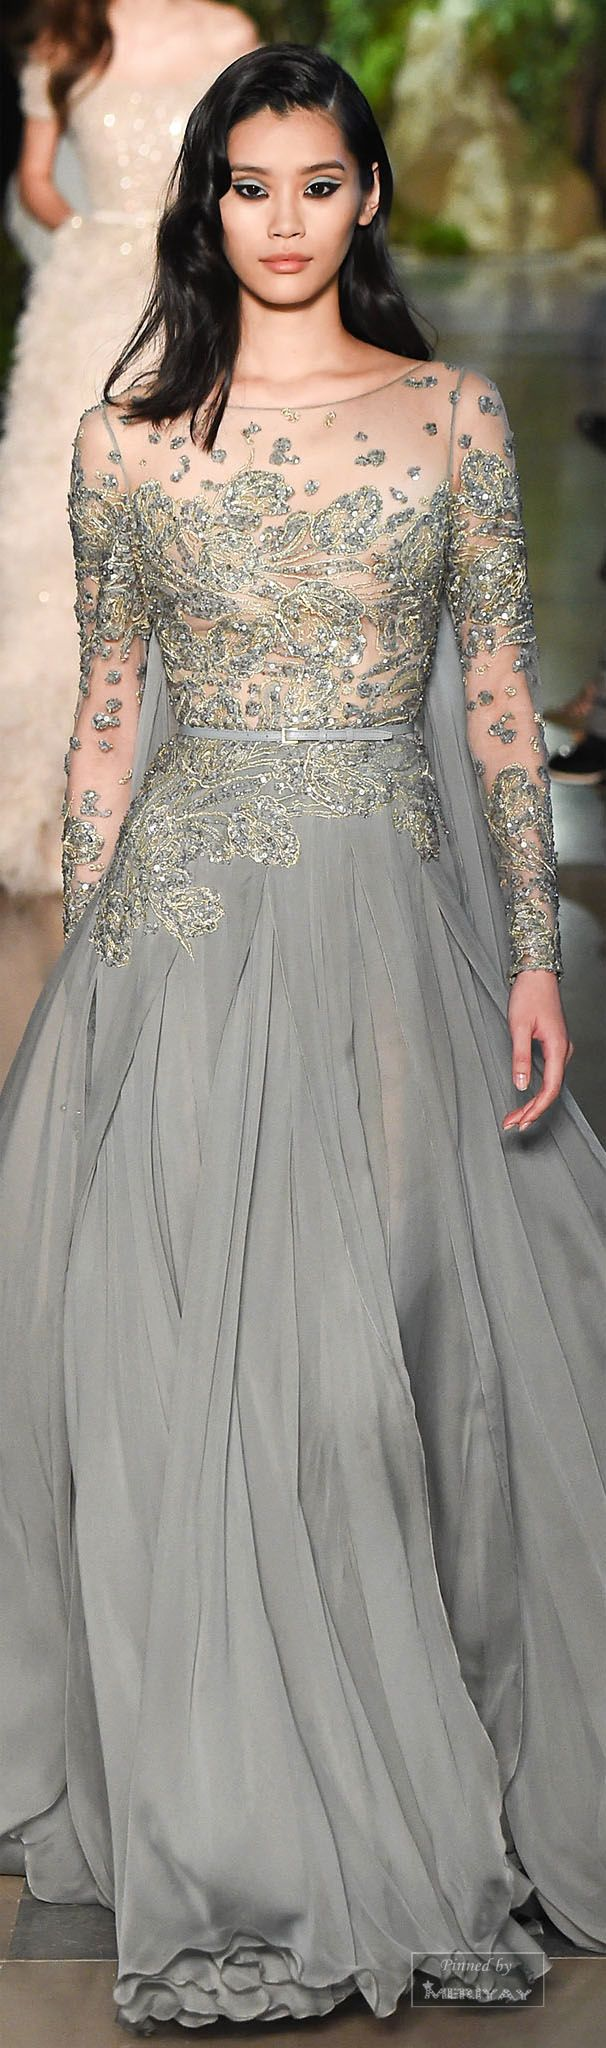 Elie saab spring couture award redcarpet dressup formal